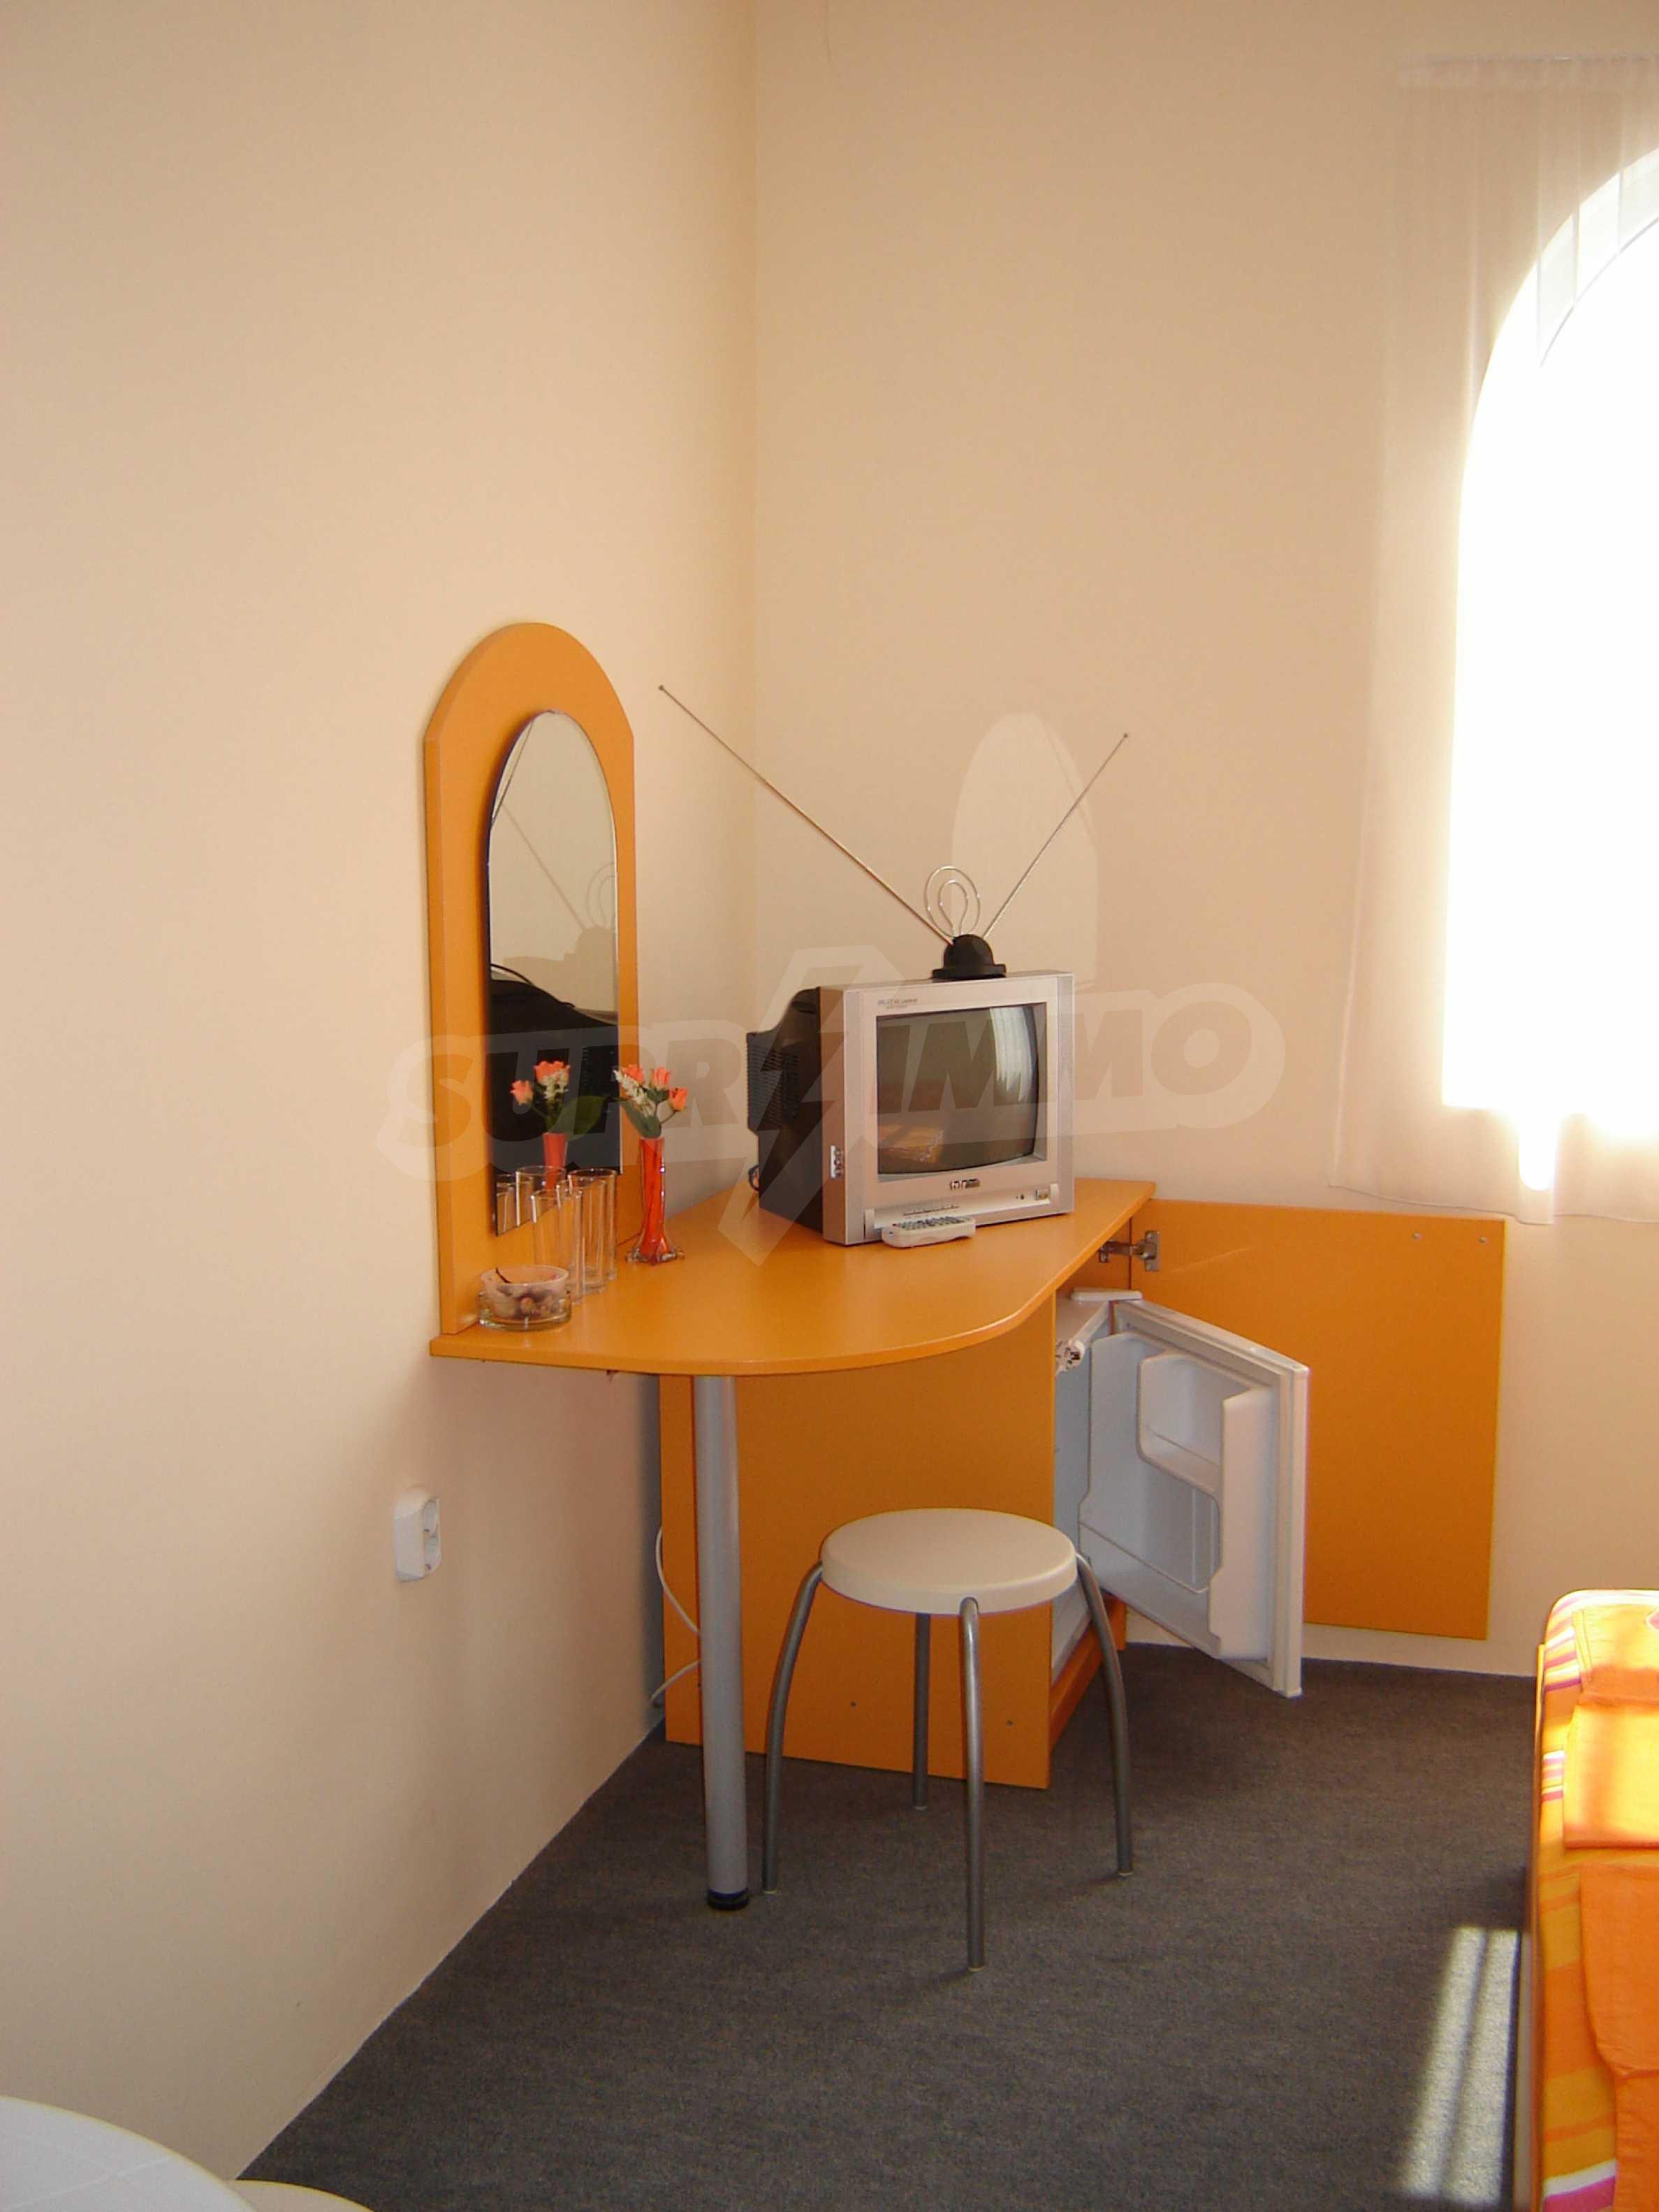 House of family hotel type for sale in Primorsko 10